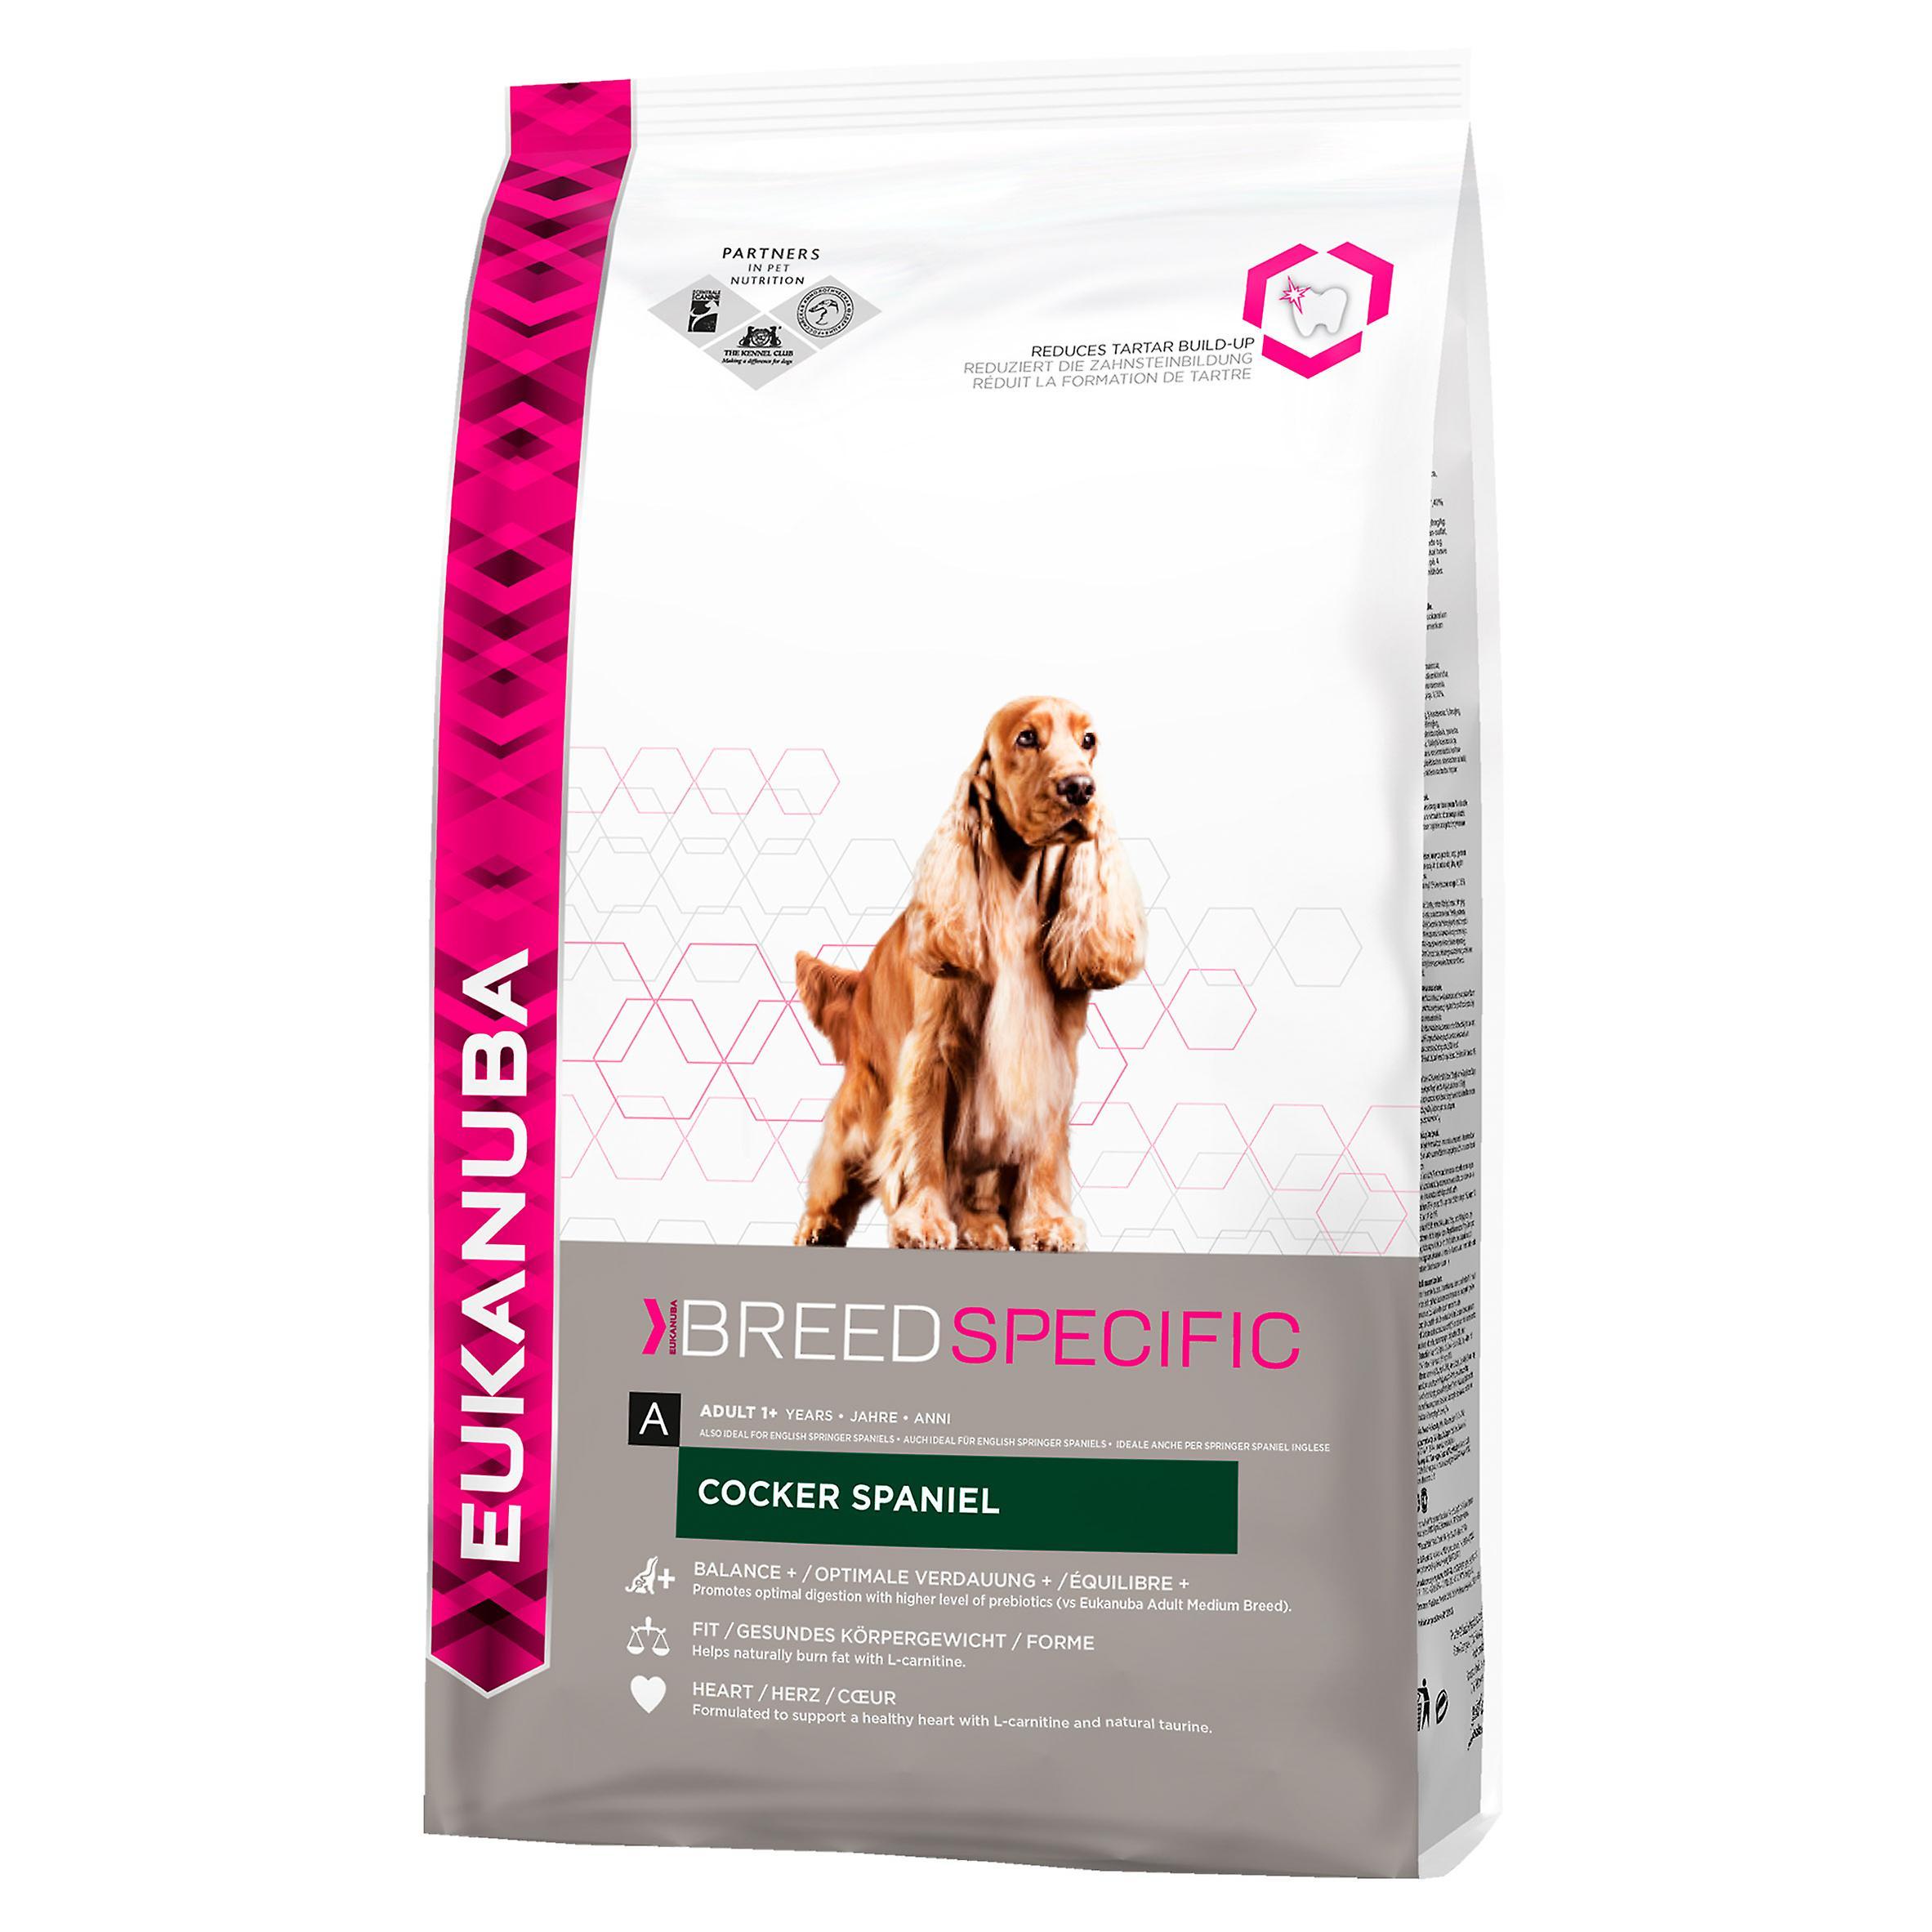 Eukanuba dog food economy packs